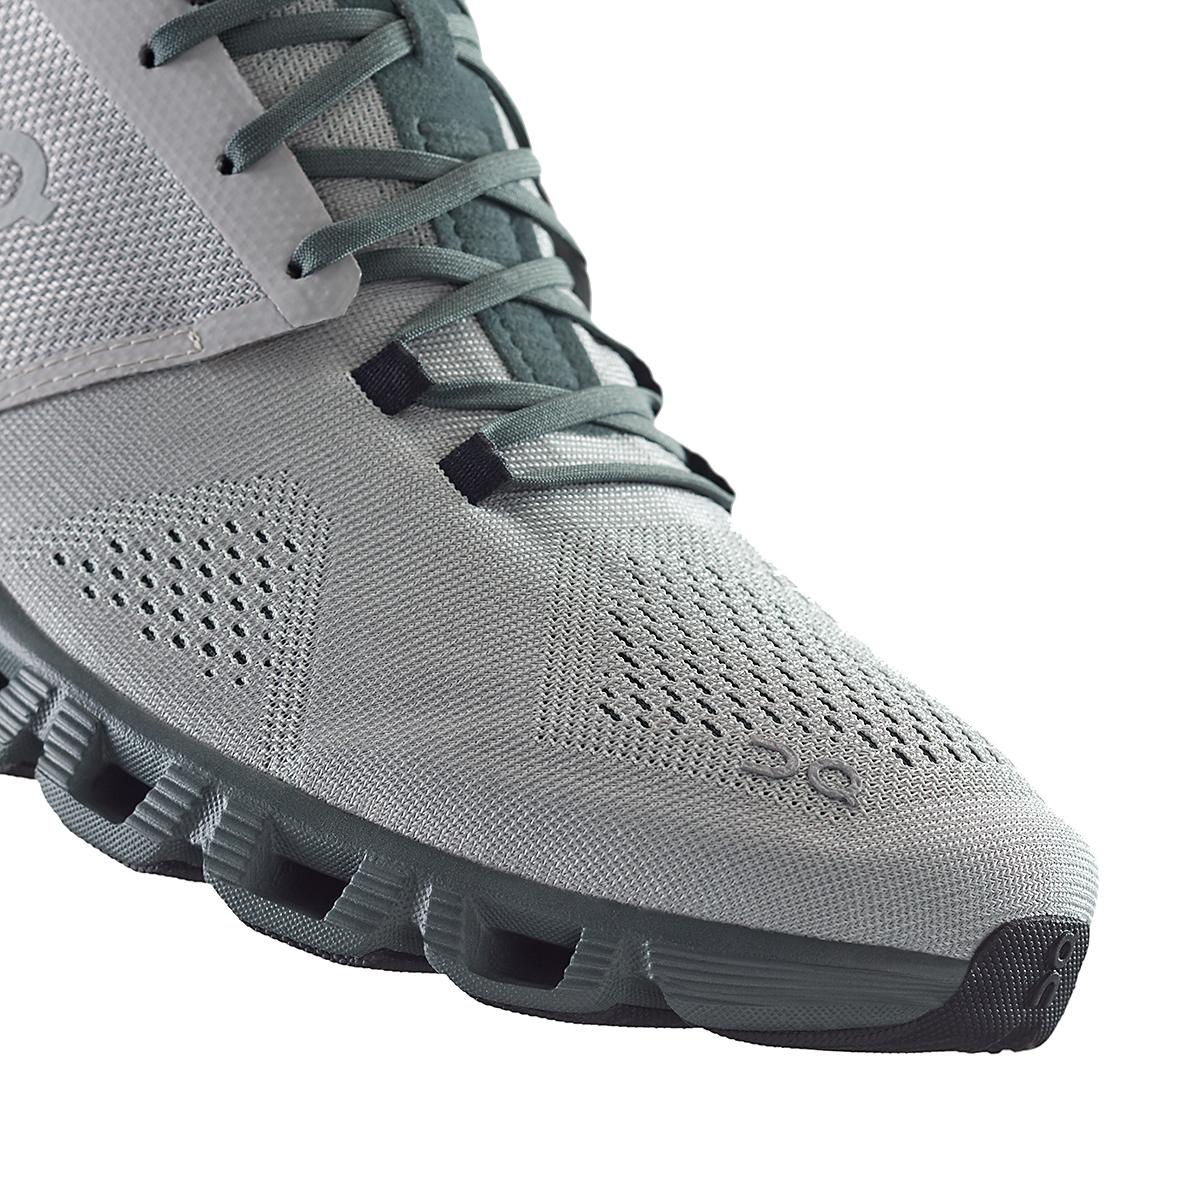 Men's On Cloud X 2.0 Running Shoe - Color: Glacier/Olive - Size: 7 - Width: Regular, Glacier/Olive, large, image 3